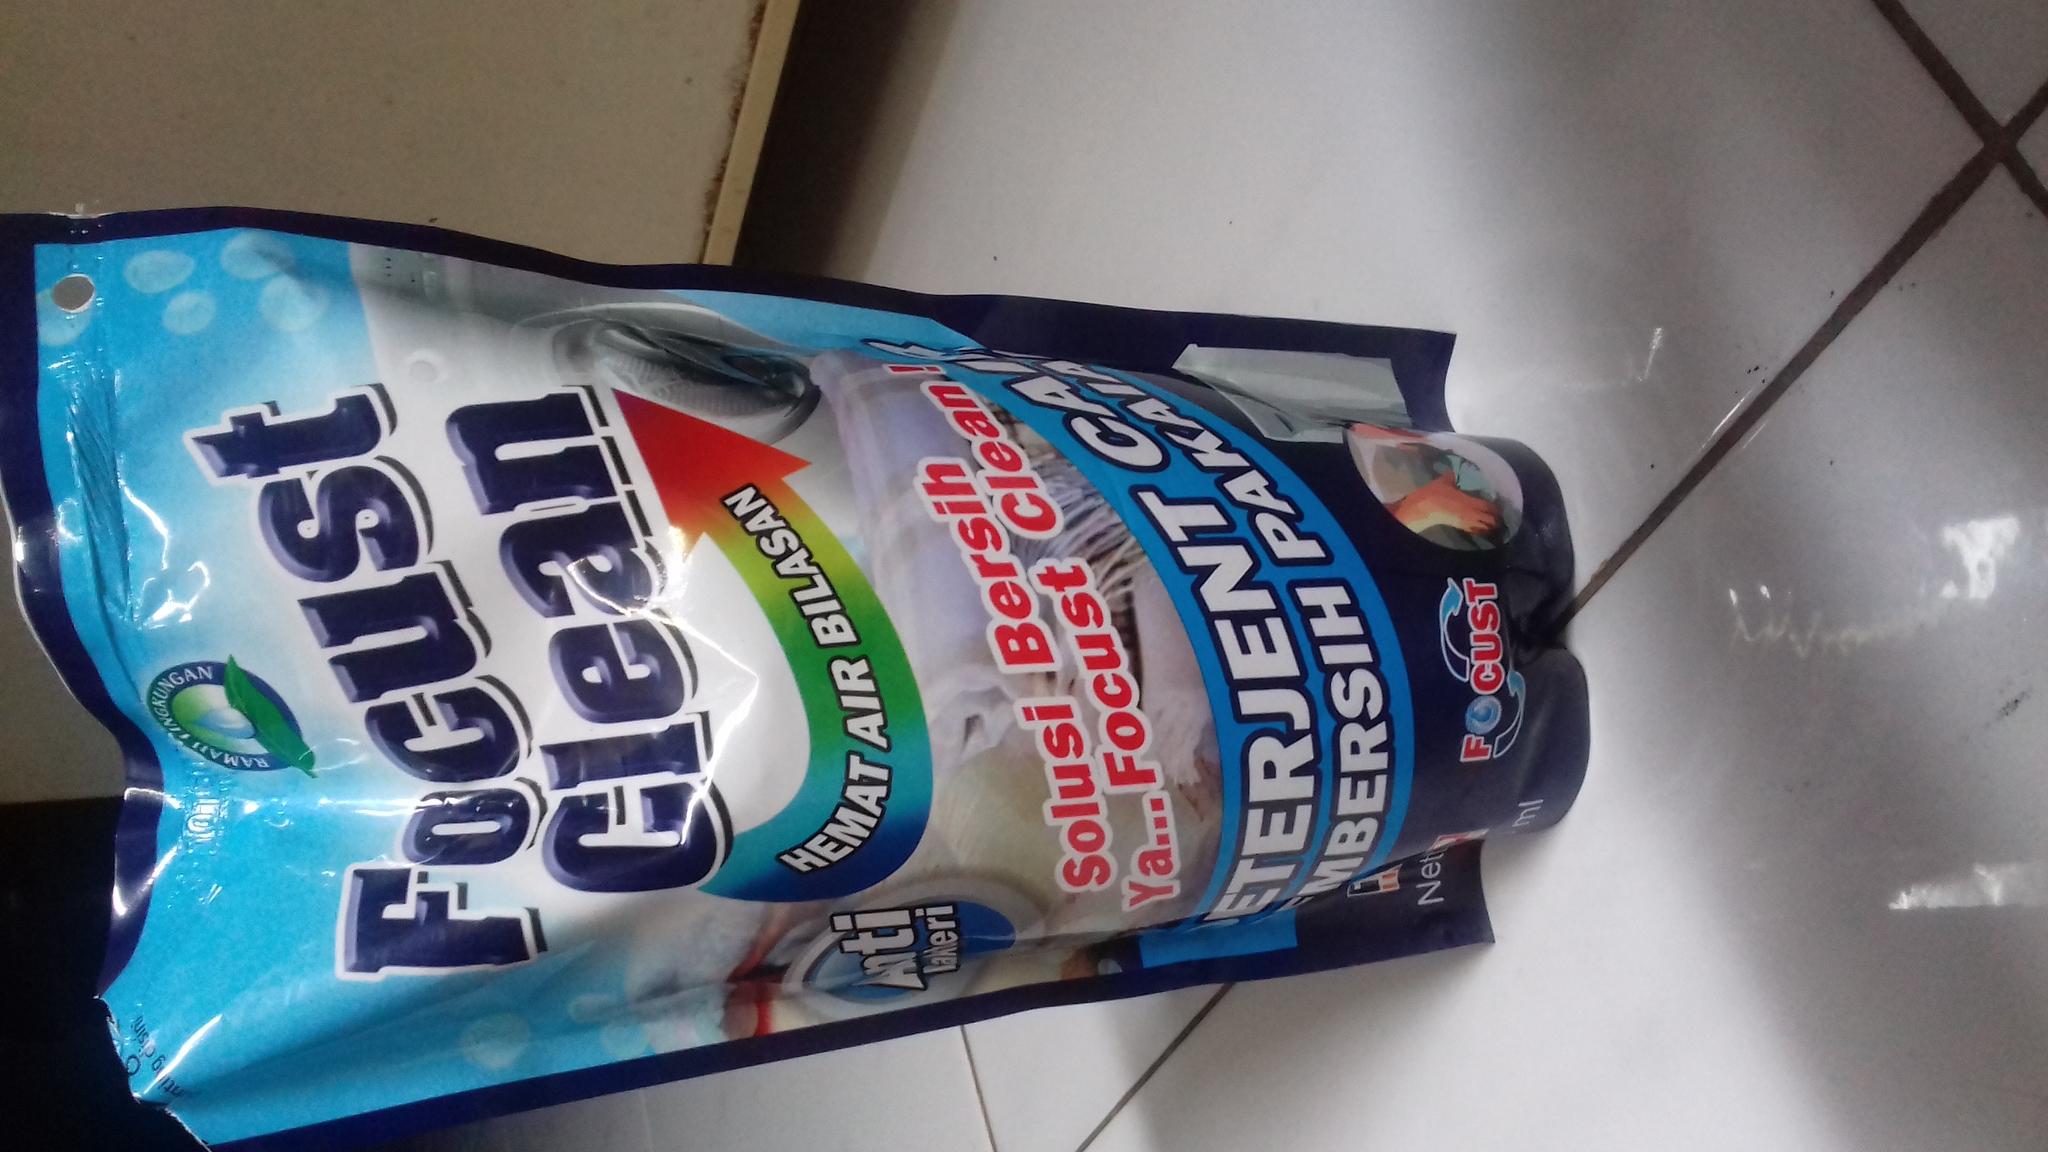 Focust Clean Detergent